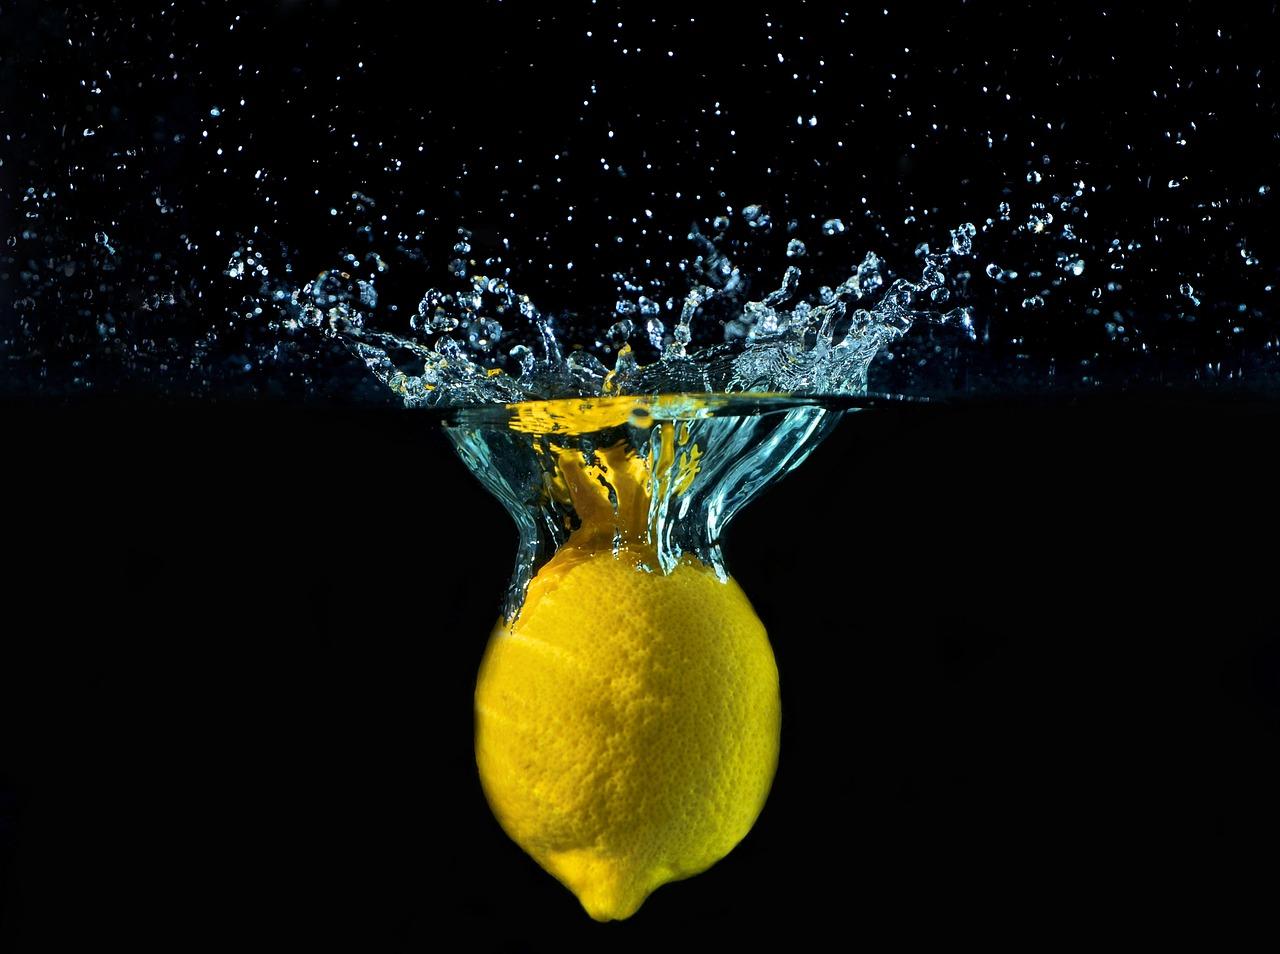 limón agua oxigenada